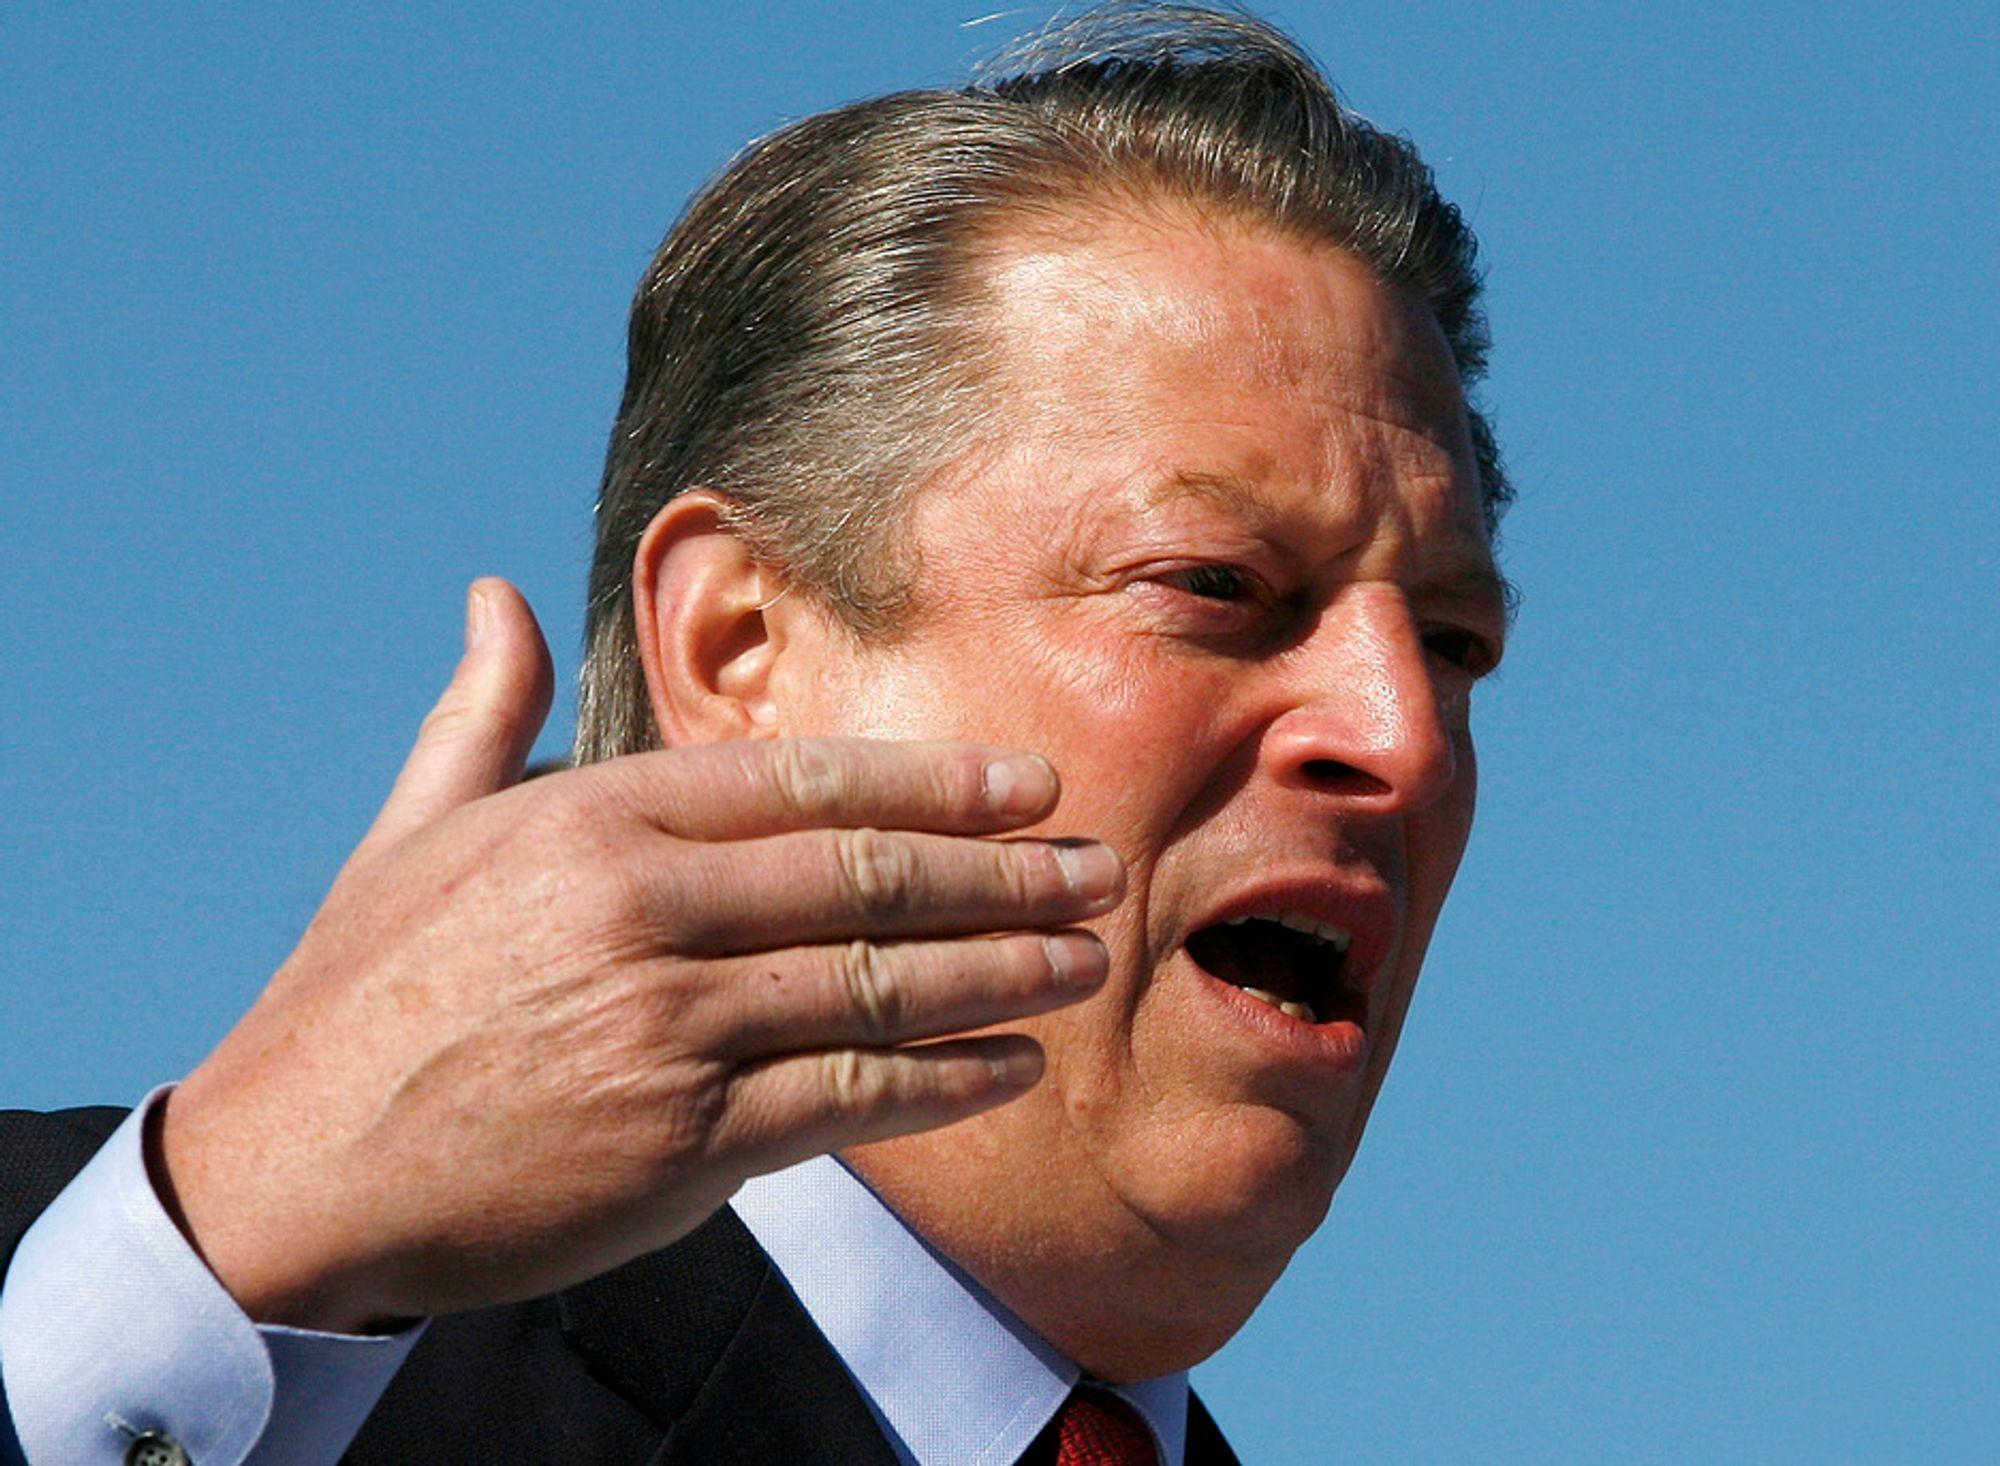 PrISVINNER: Al Gore fikk fredsprisen for stt foredrag. Nå må han trekke noe av informasjonen han har brukt.